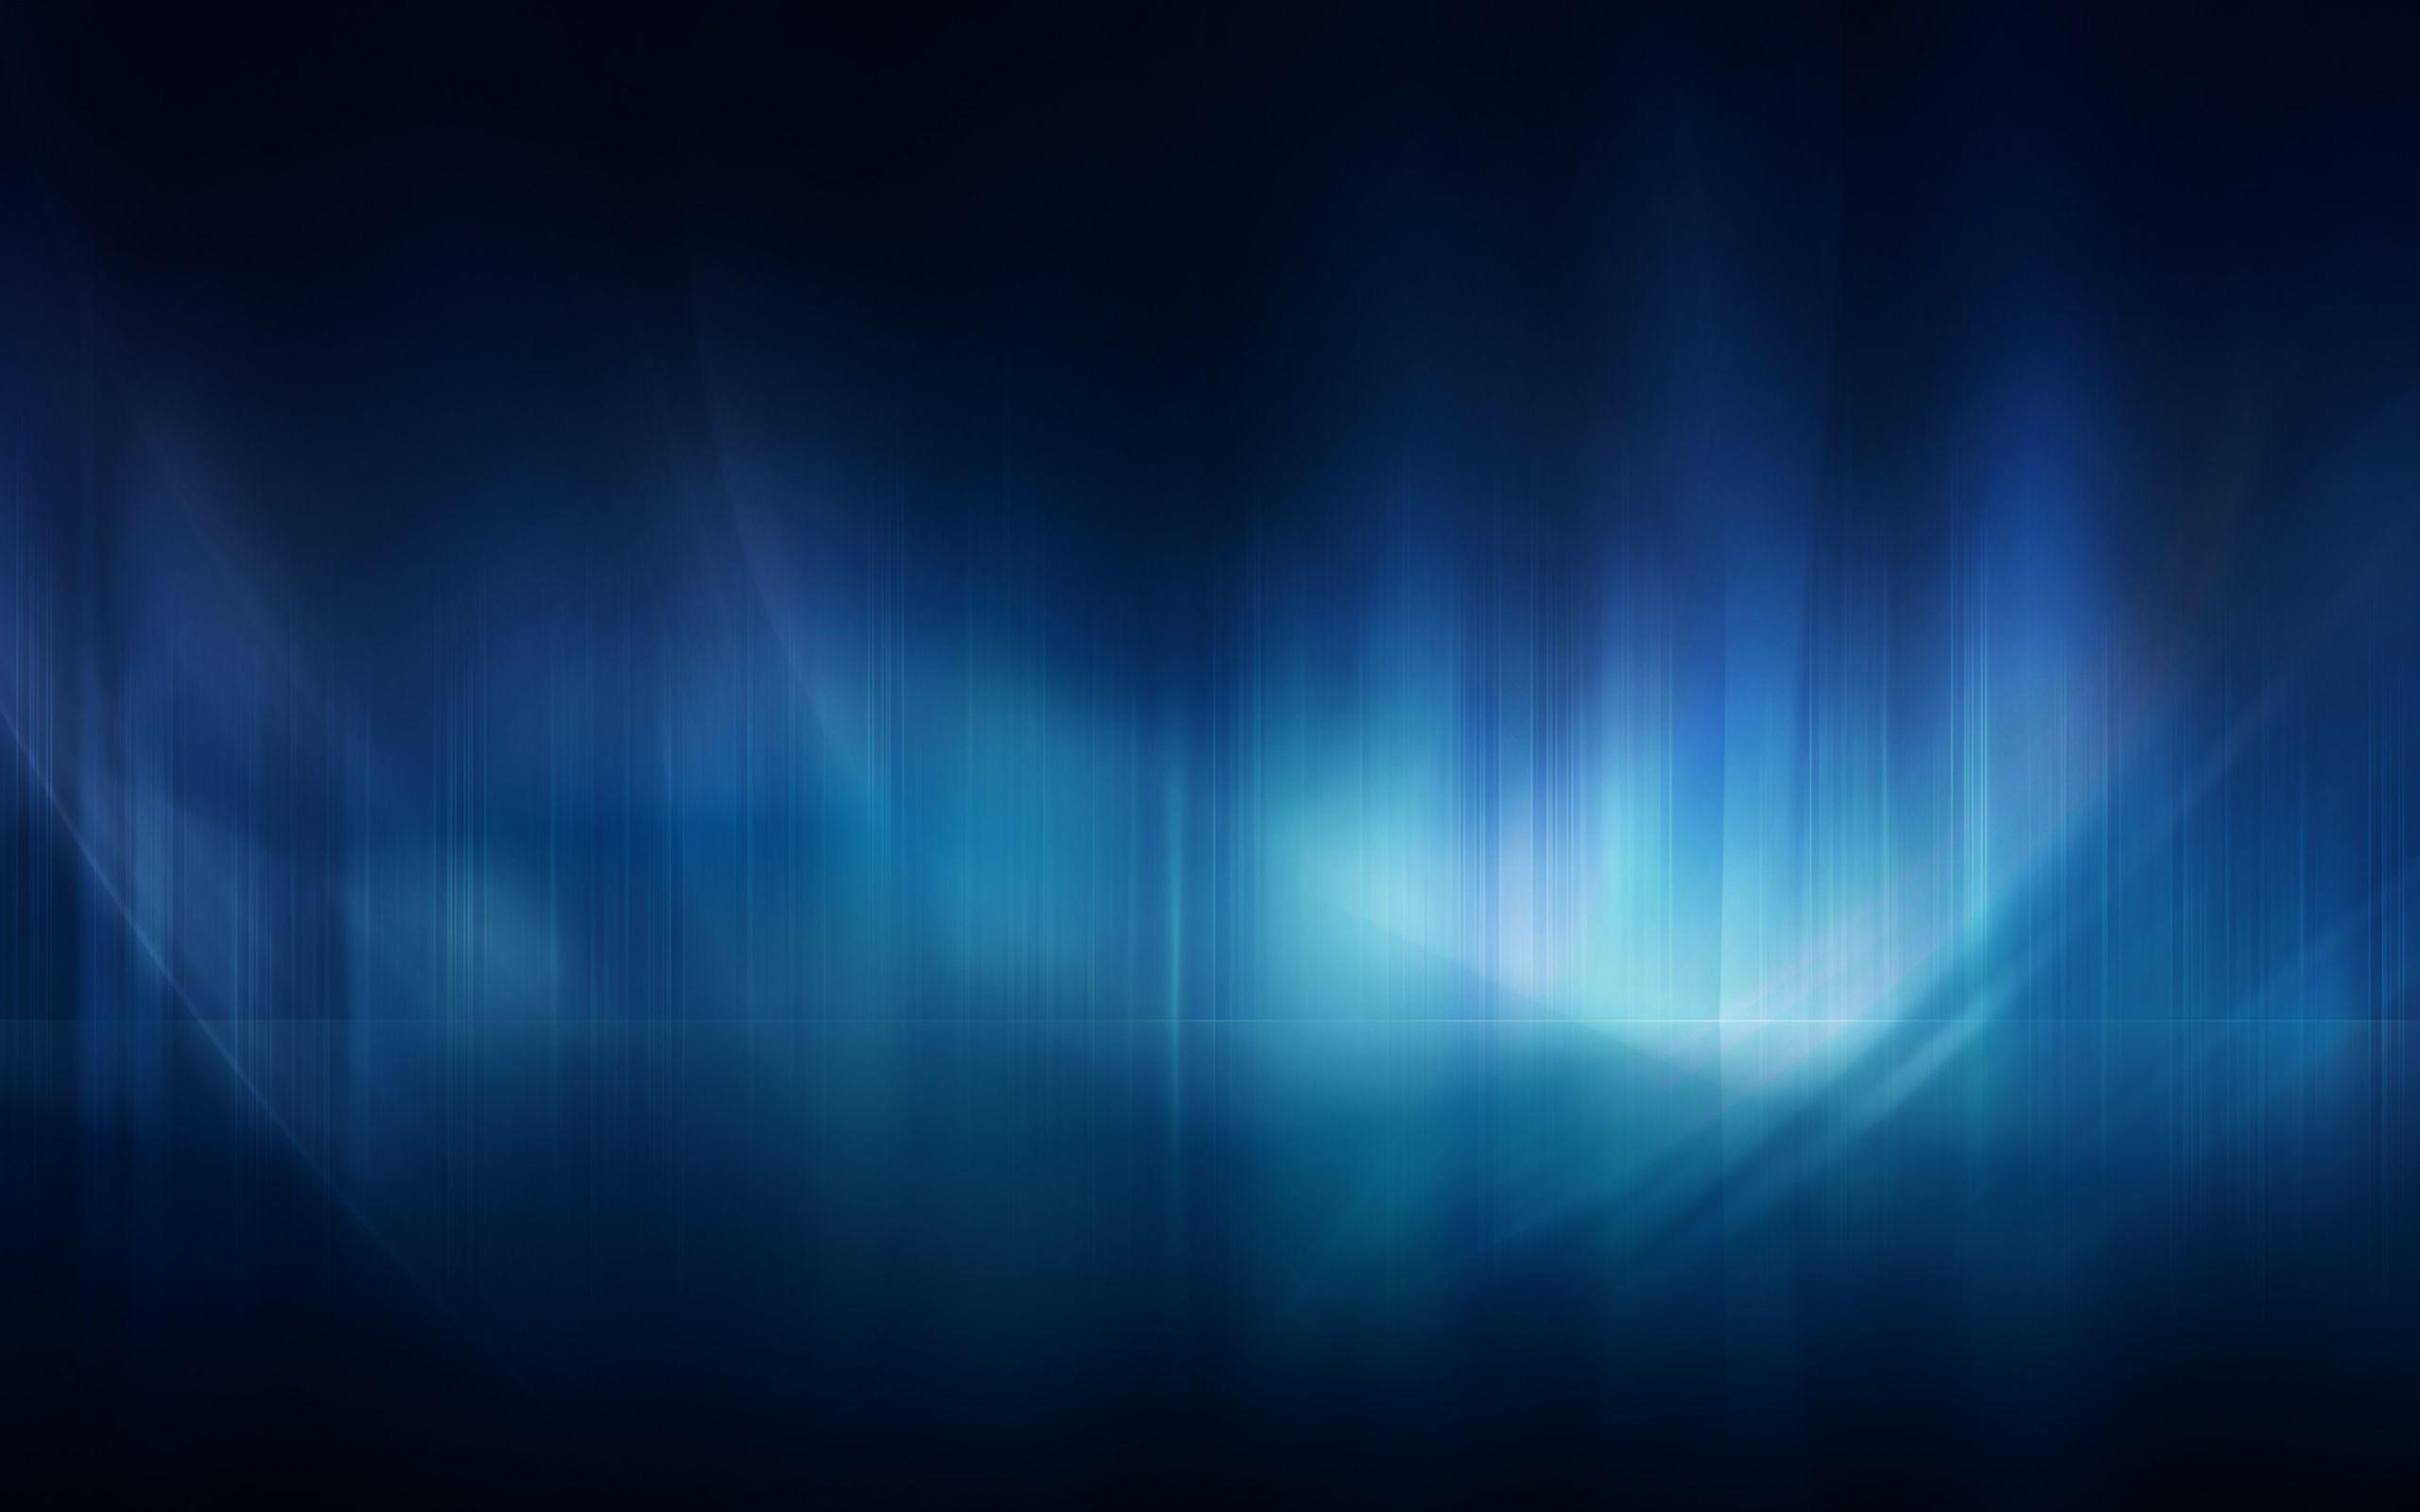 Black HD Wallpapers 1080p – WallpaperSafari